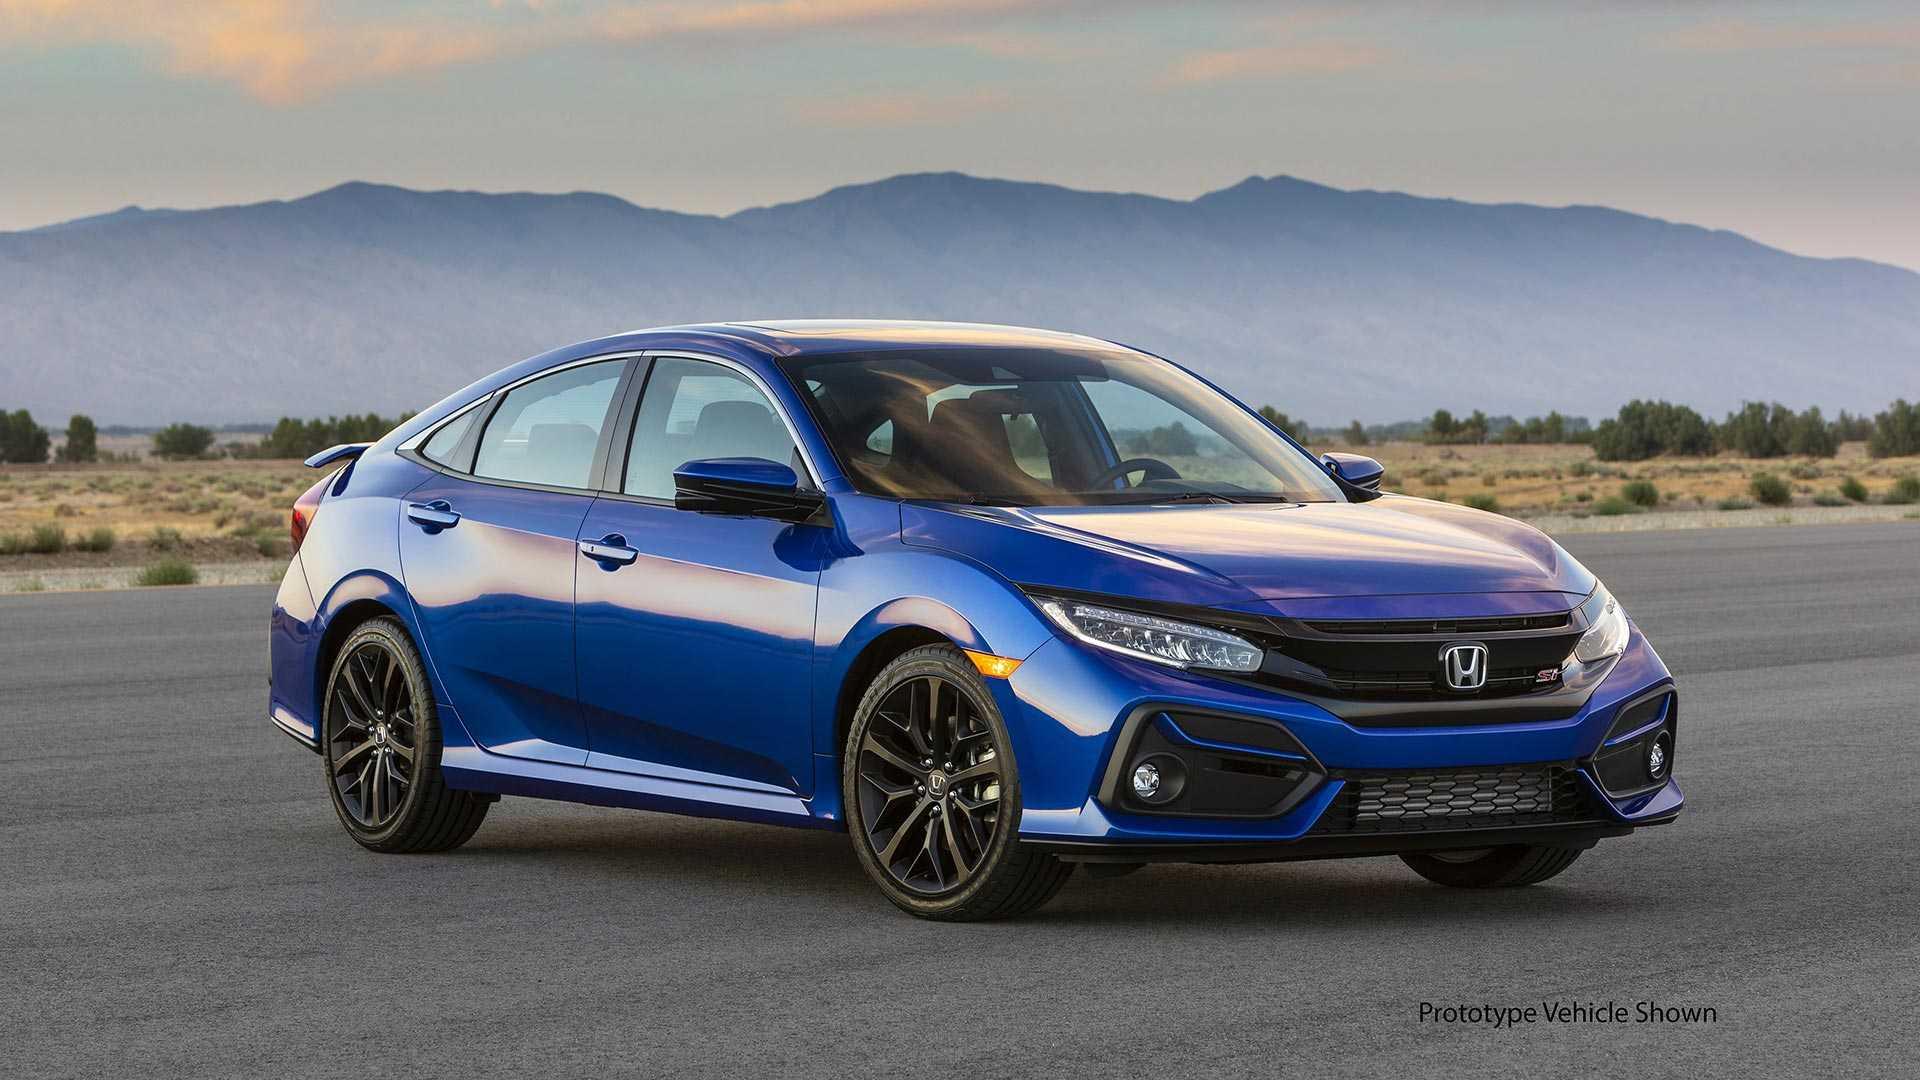 Khám phá Honda Civic Si 2020 phiên bản thể thao - 24